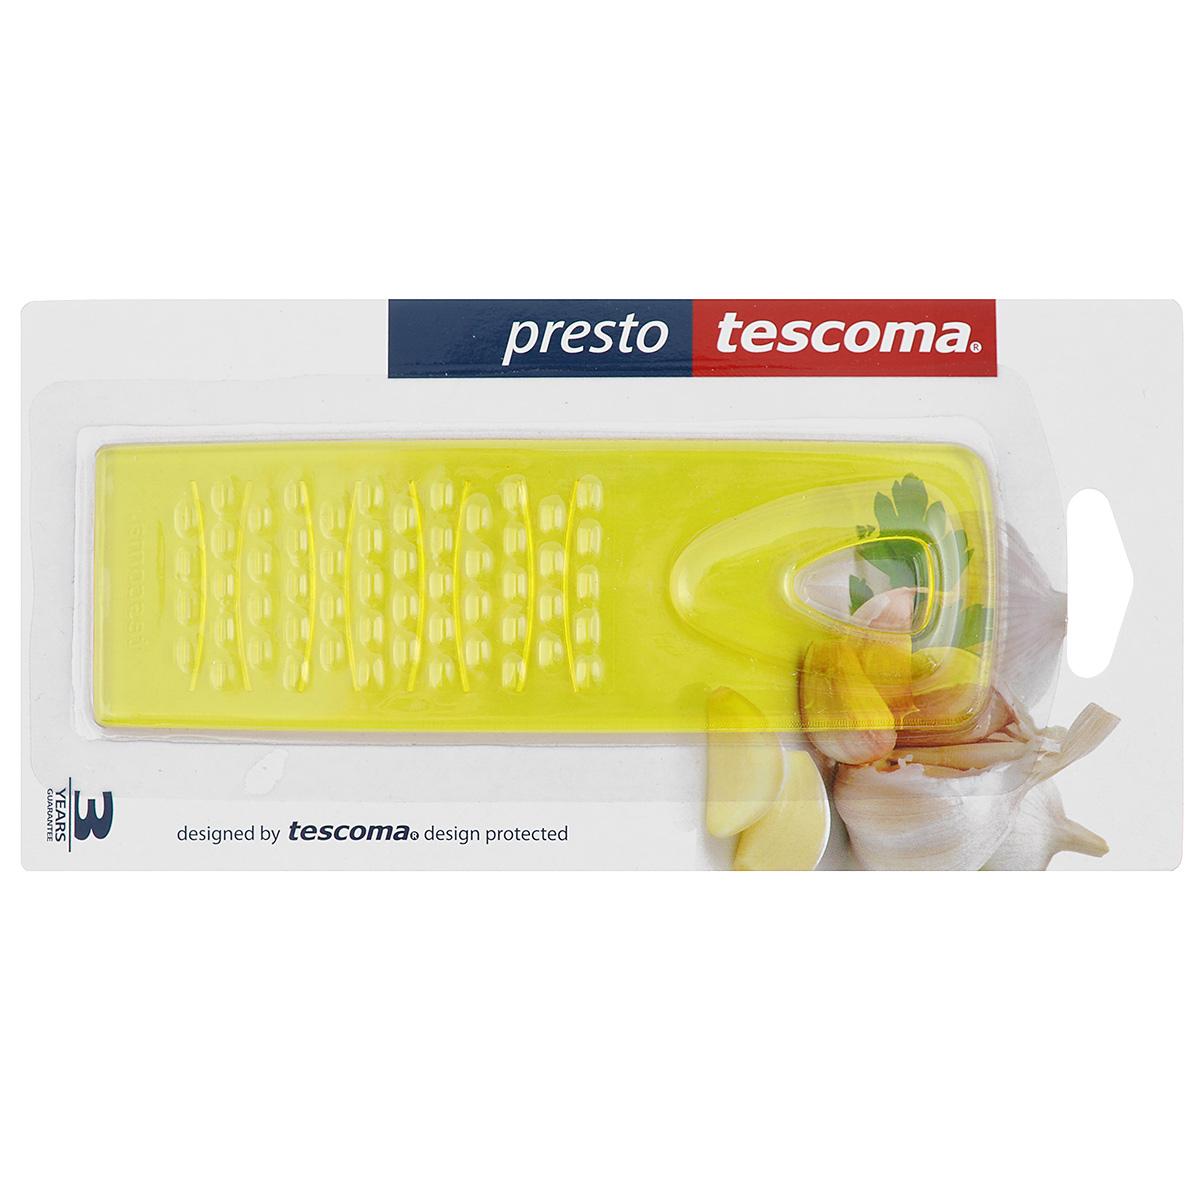 Прибор для измельчения Tescoma Presto, универсальный, цвет: желтый420196Универсальный прибор Tescoma Presto, изготовленный из цветного пластика, отлично подходит для измельчения чеснока, яблок, мелкого трения моркови, имбиря и много другого. Изделие оснащено двумя типами трущих поверхностей: с зубцами для универсального пользования и дугами для очень мелкого натирания чеснока. Прибор Tescoma Presto станет прекрасным дополнением вашей коллекции кухонных аксессуаров! Можно мыть в посудомоечной машине. Размер: 5 см х 15 см х 0,4 см.